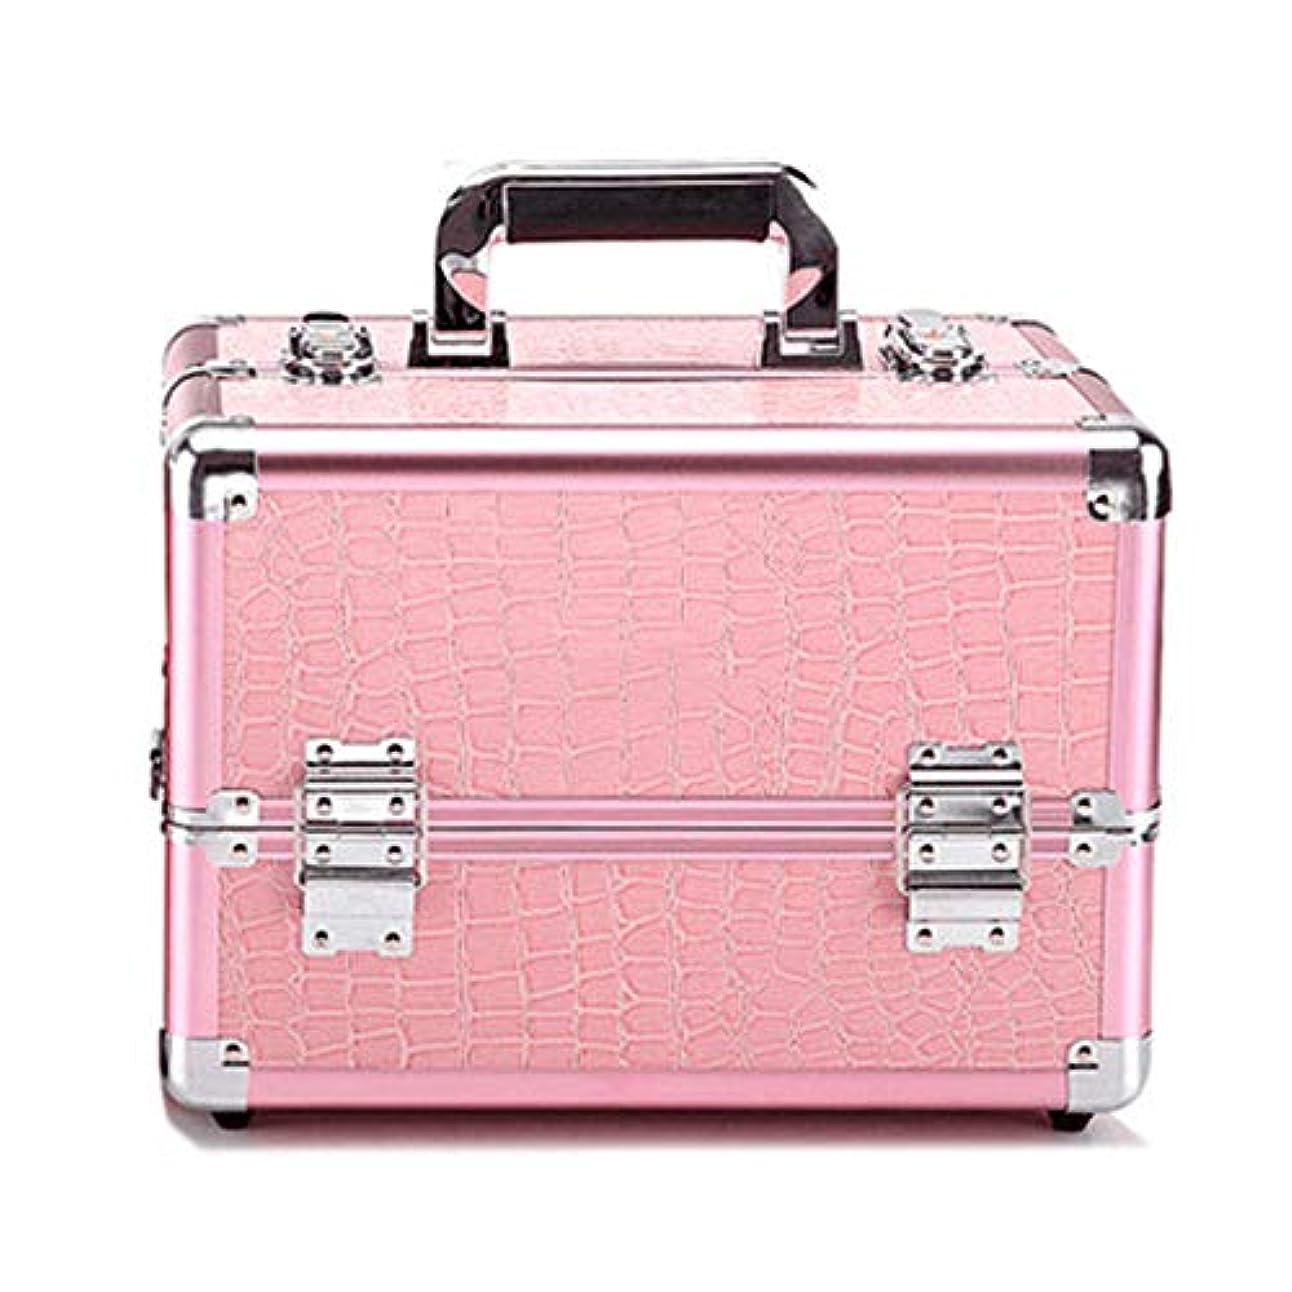 遺棄された私たちの粒化粧オーガナイザーバッグ プロフェッショナルアルミの美容ケースは、ネイル化粧箱ベニチオオーガナイザーのワニパターンをメイクアップ 化粧品ケース (色 : Pink(M))